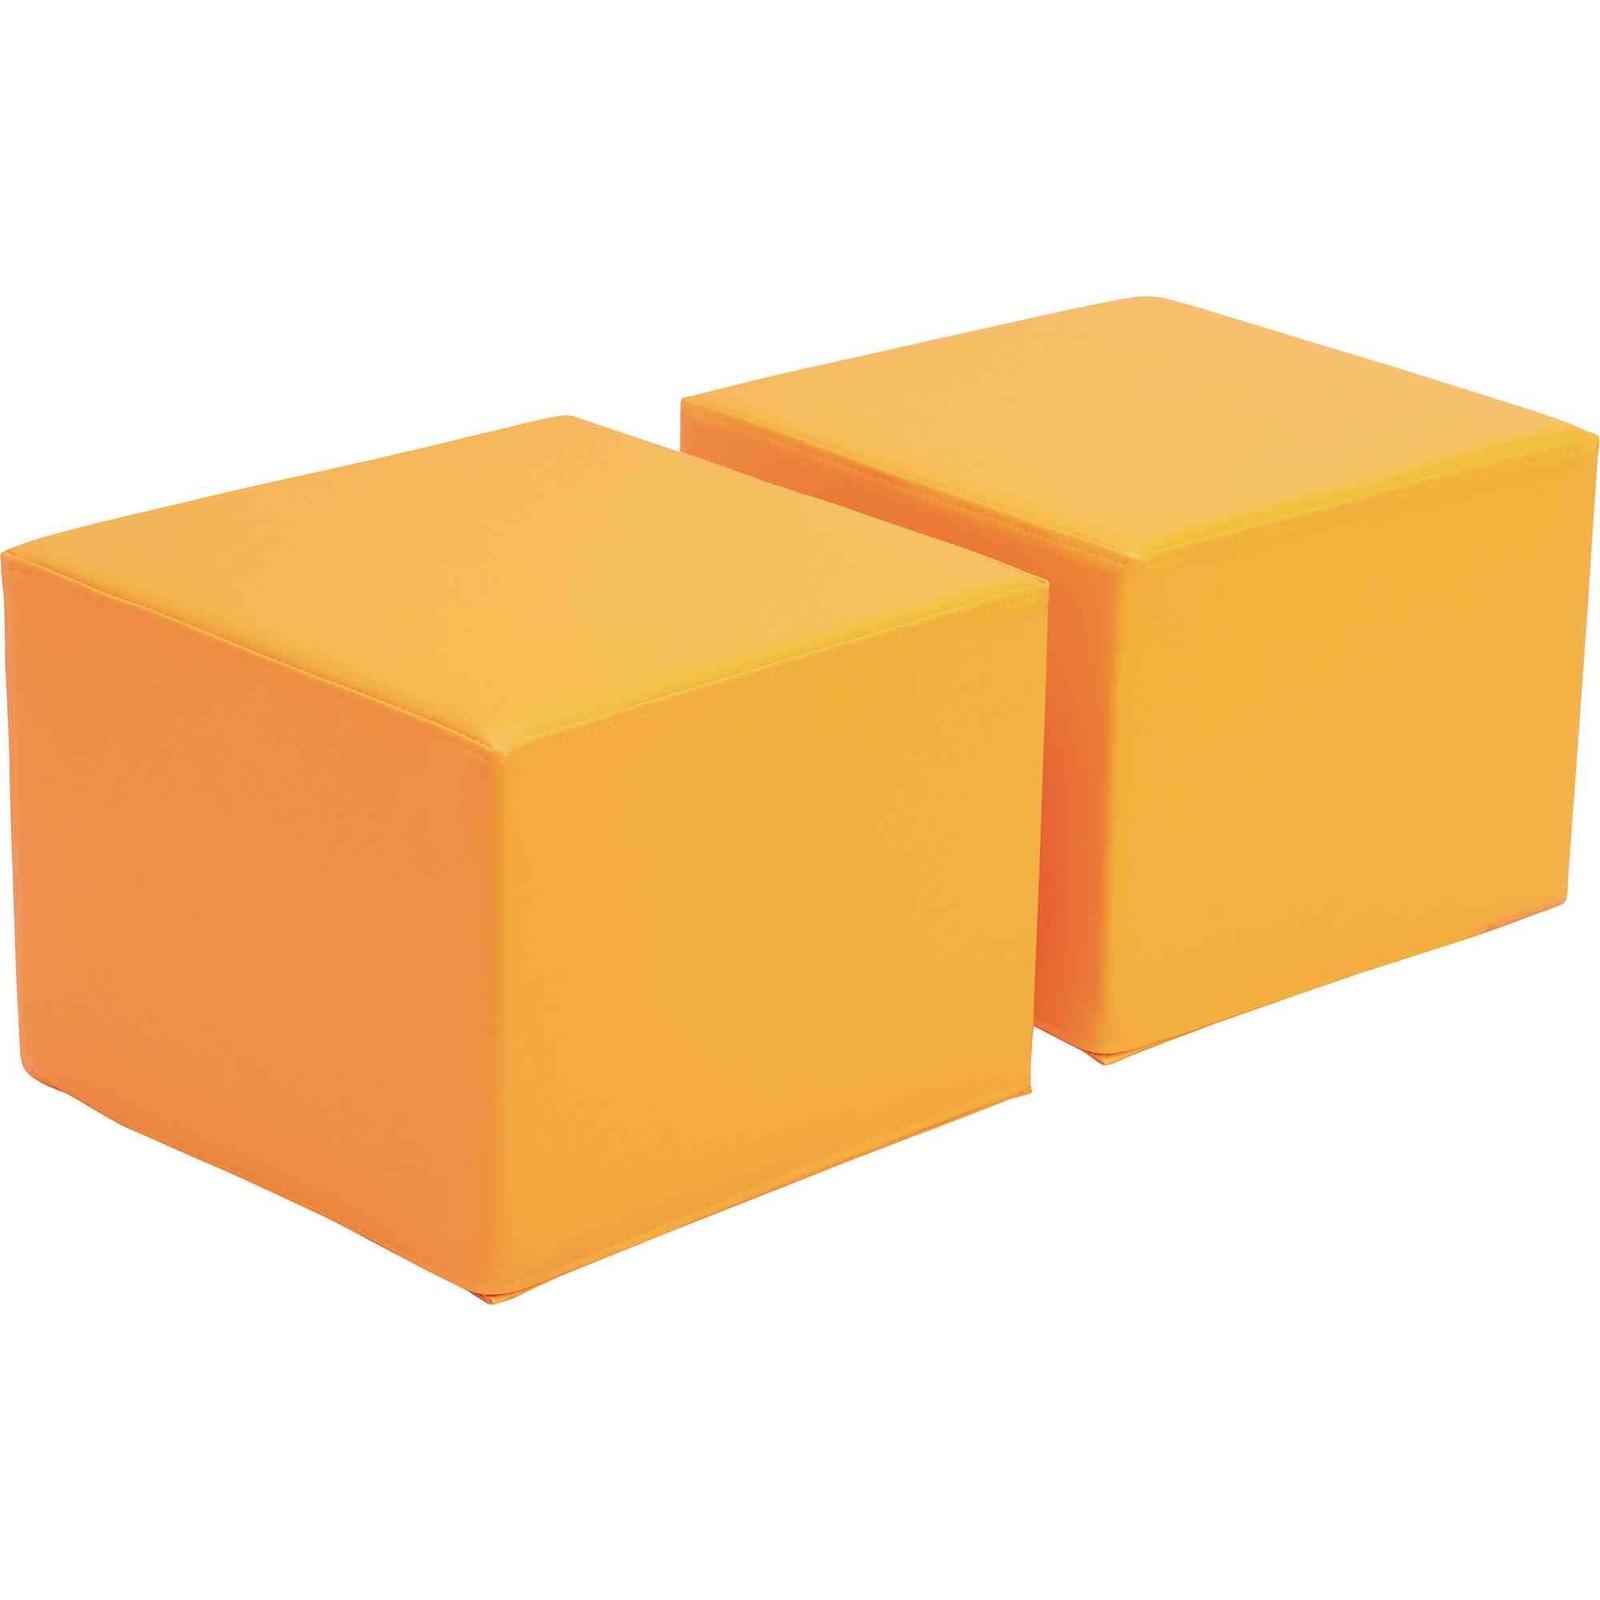 Browser Seats - Orange